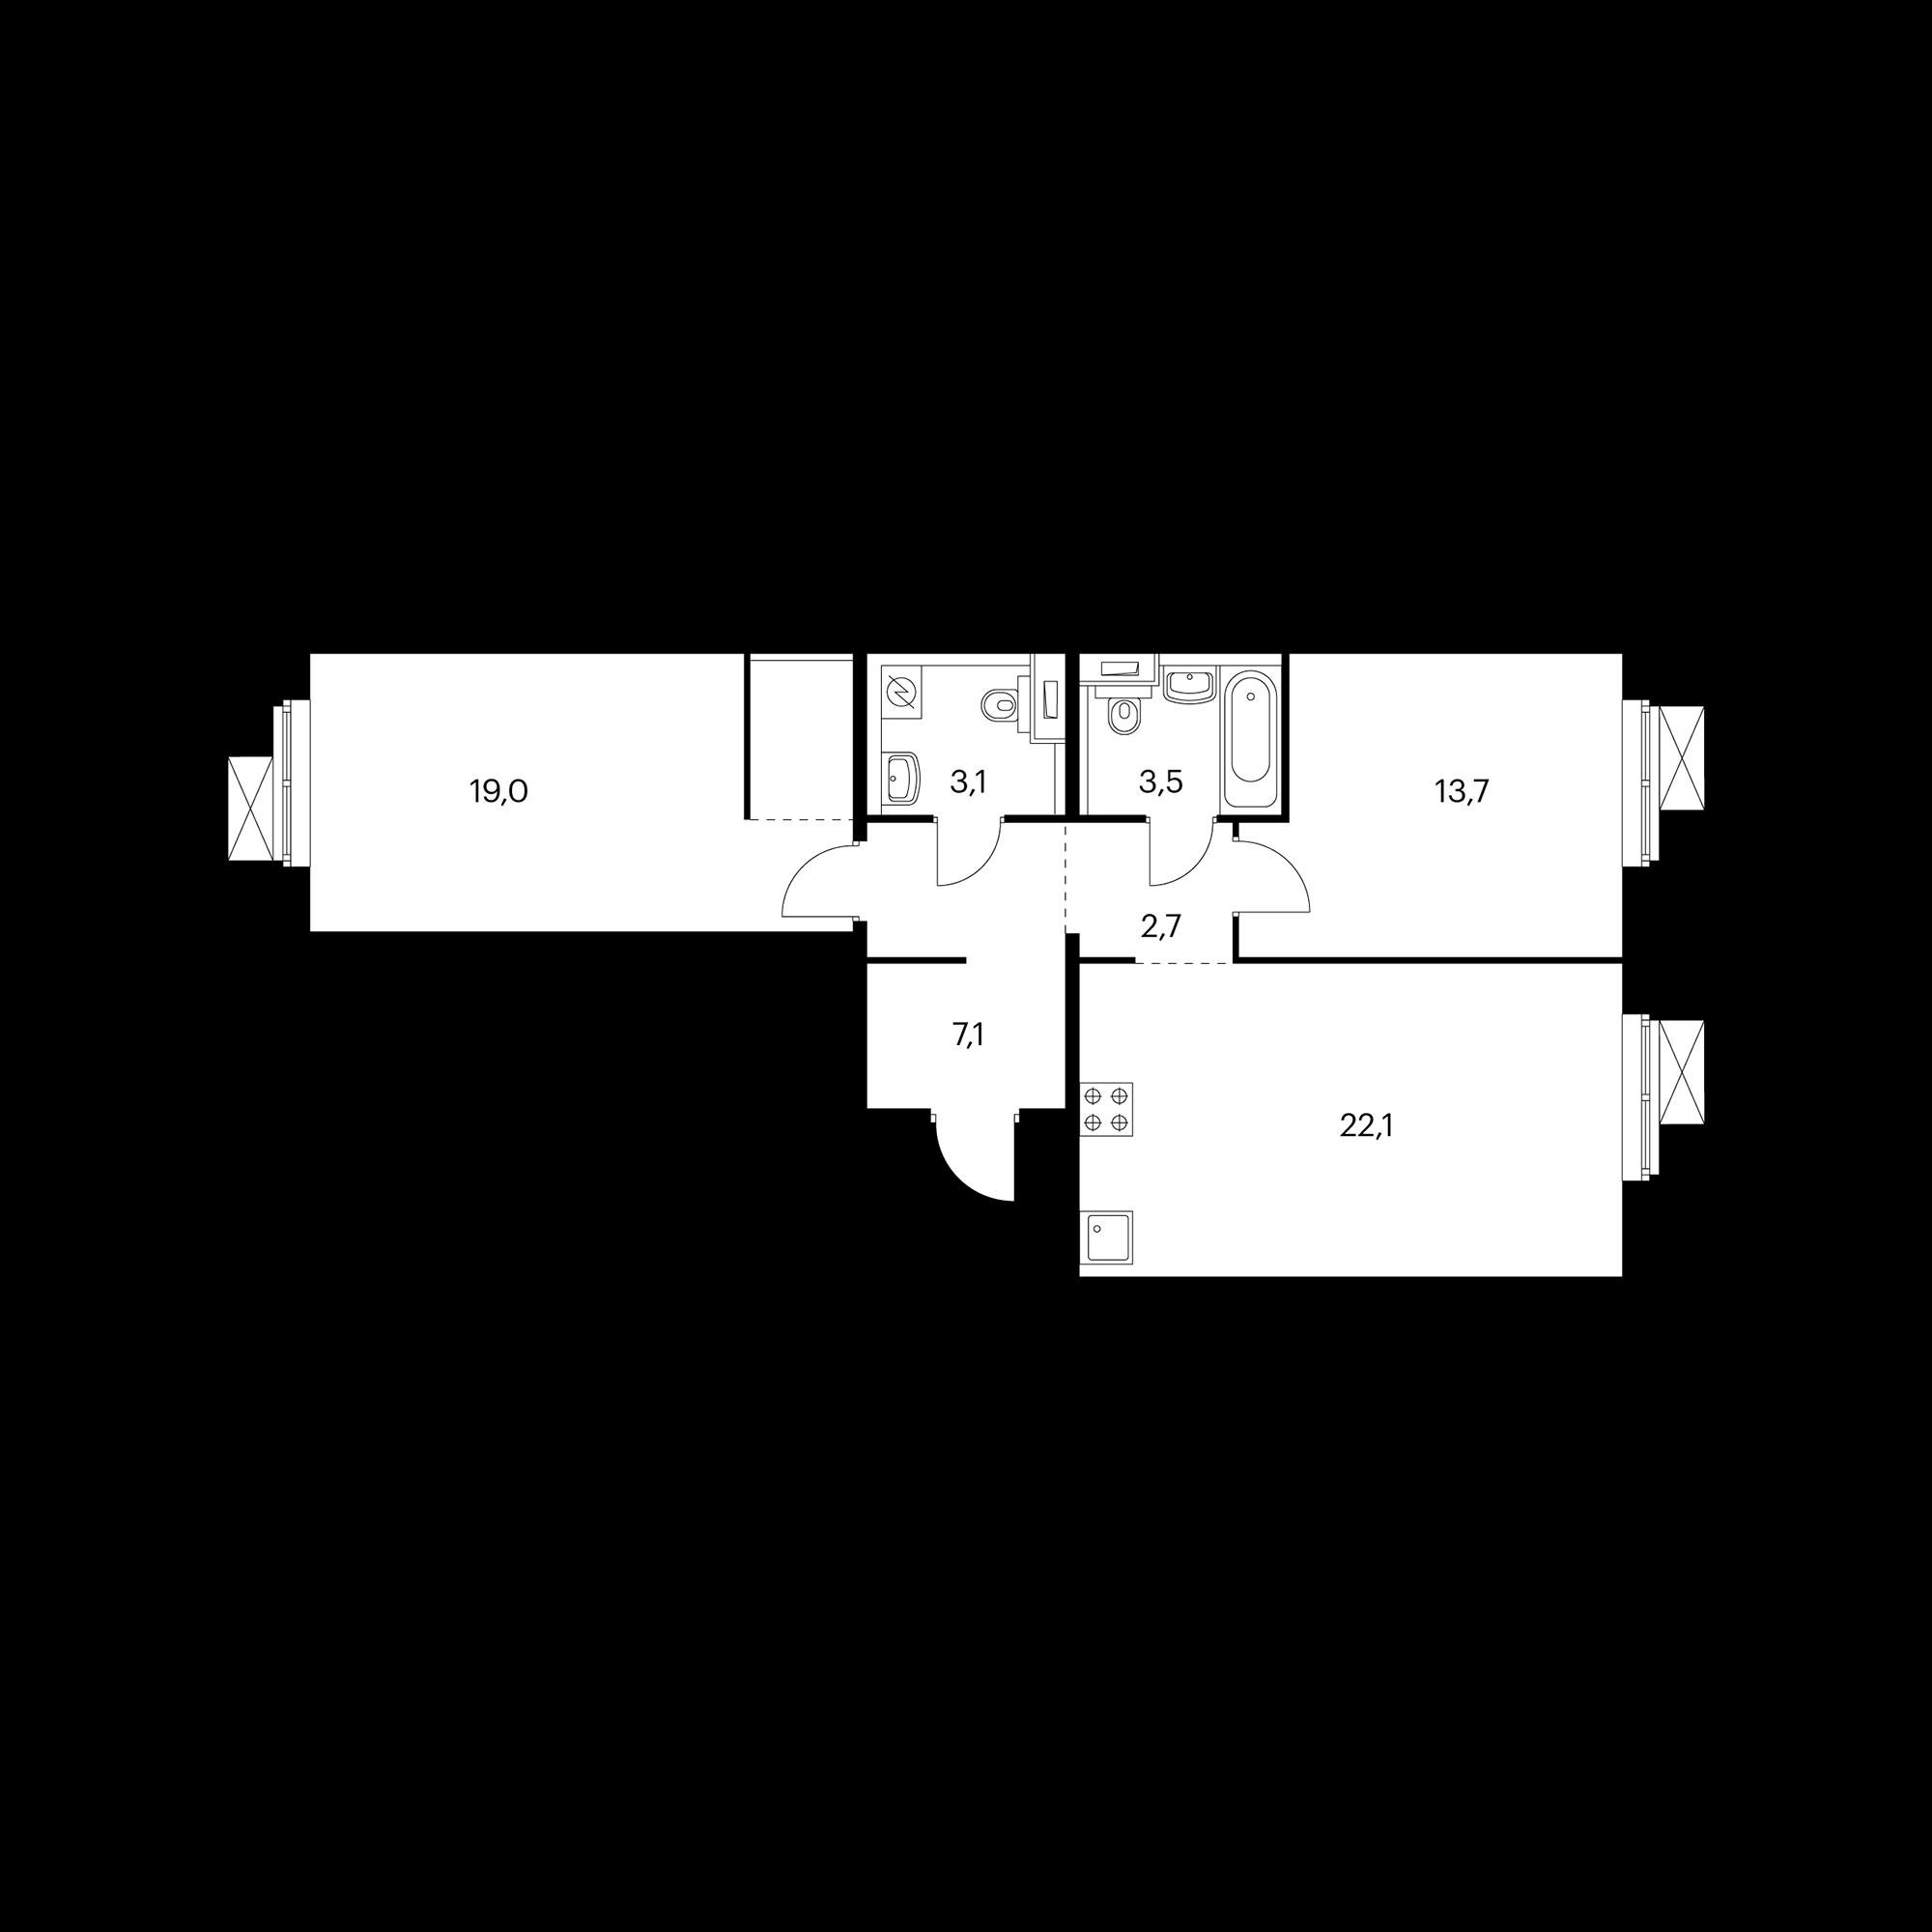 2-комнатная 70.9 м²